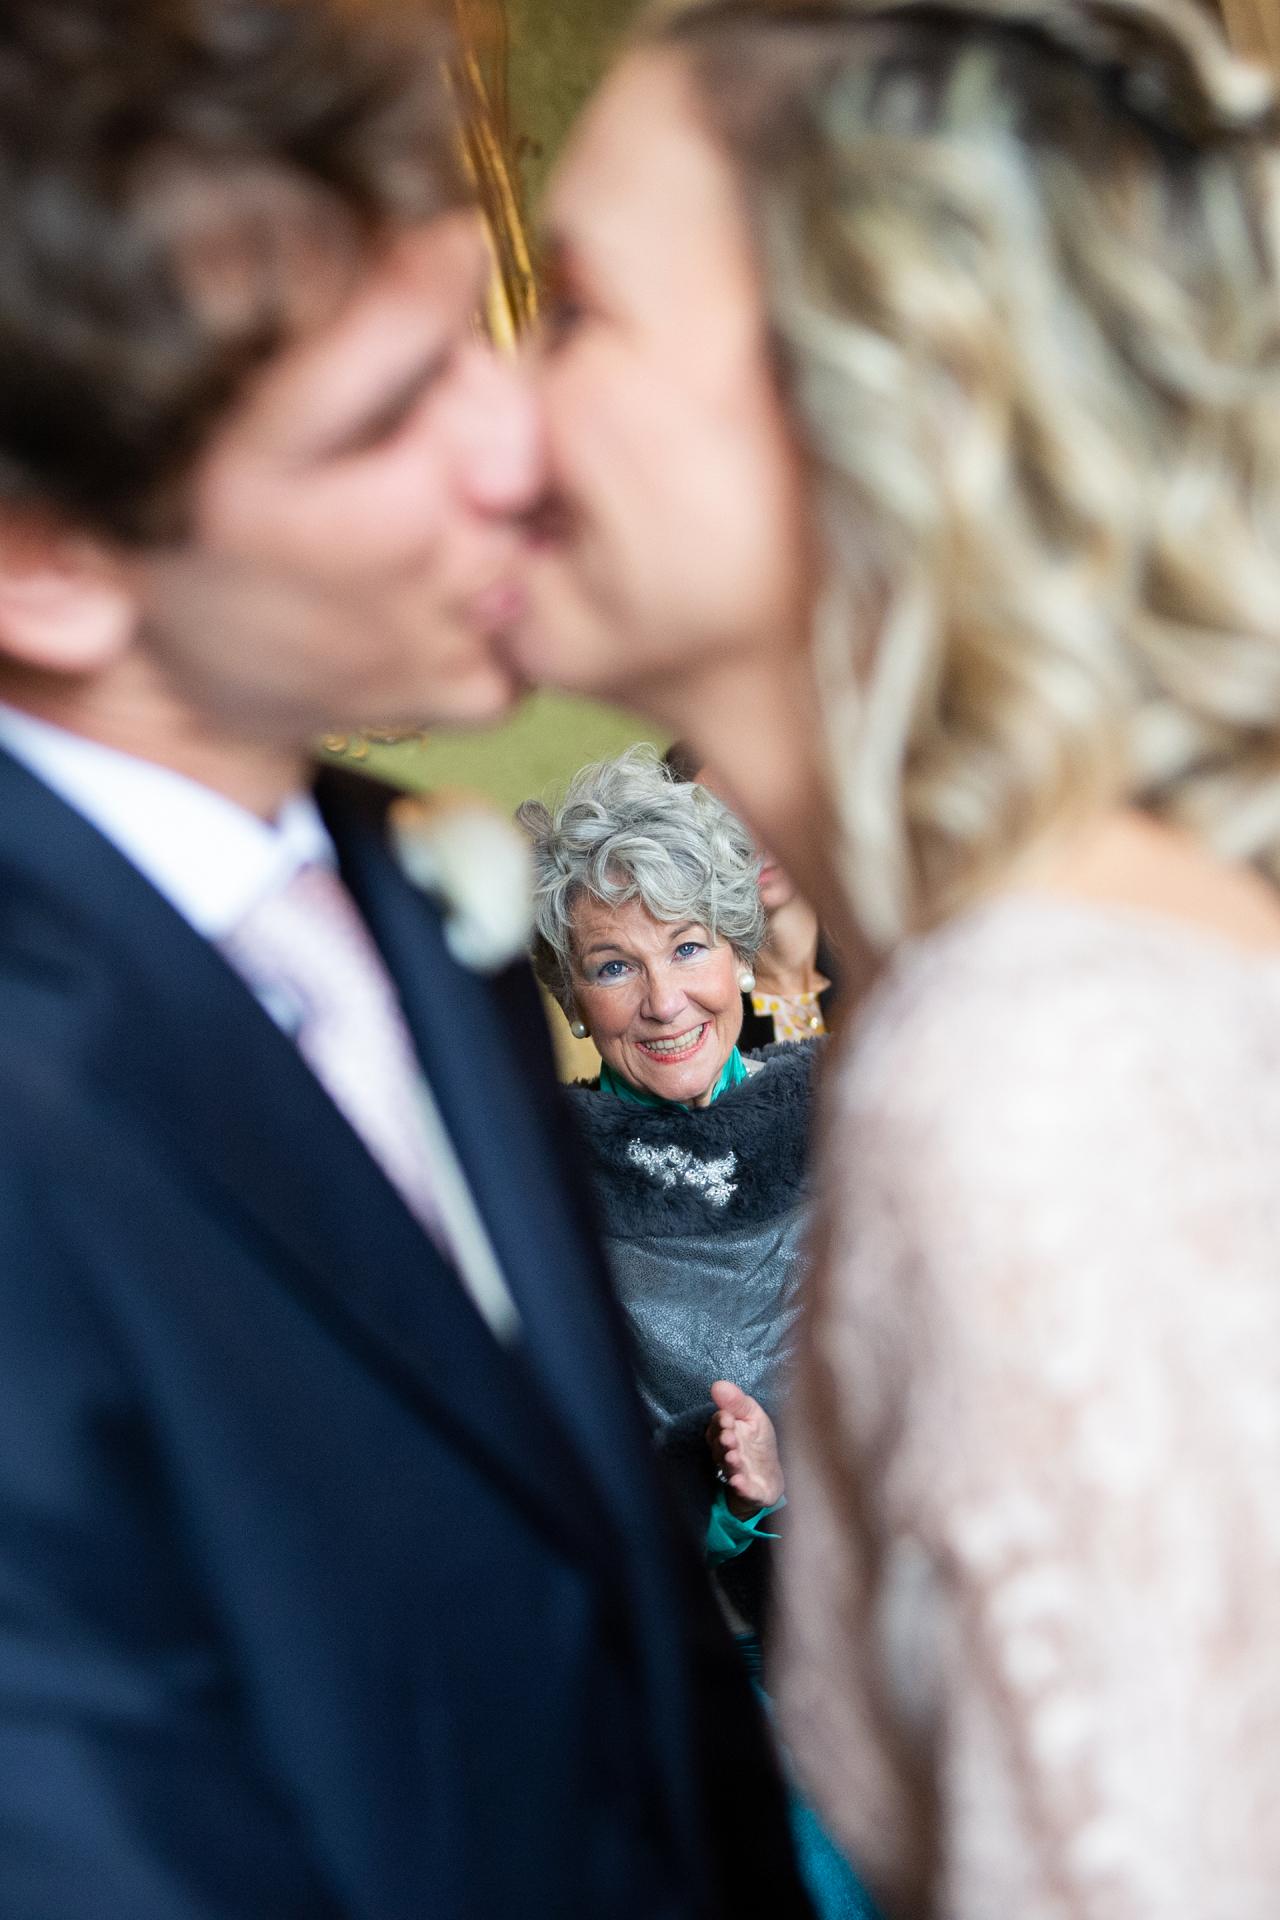 Belle-mère voyant le premier baiser entre la mariée et le marié à l'intérieur d'un cœur hypothétique dans une Italie, Lombardie, Pavie elopement